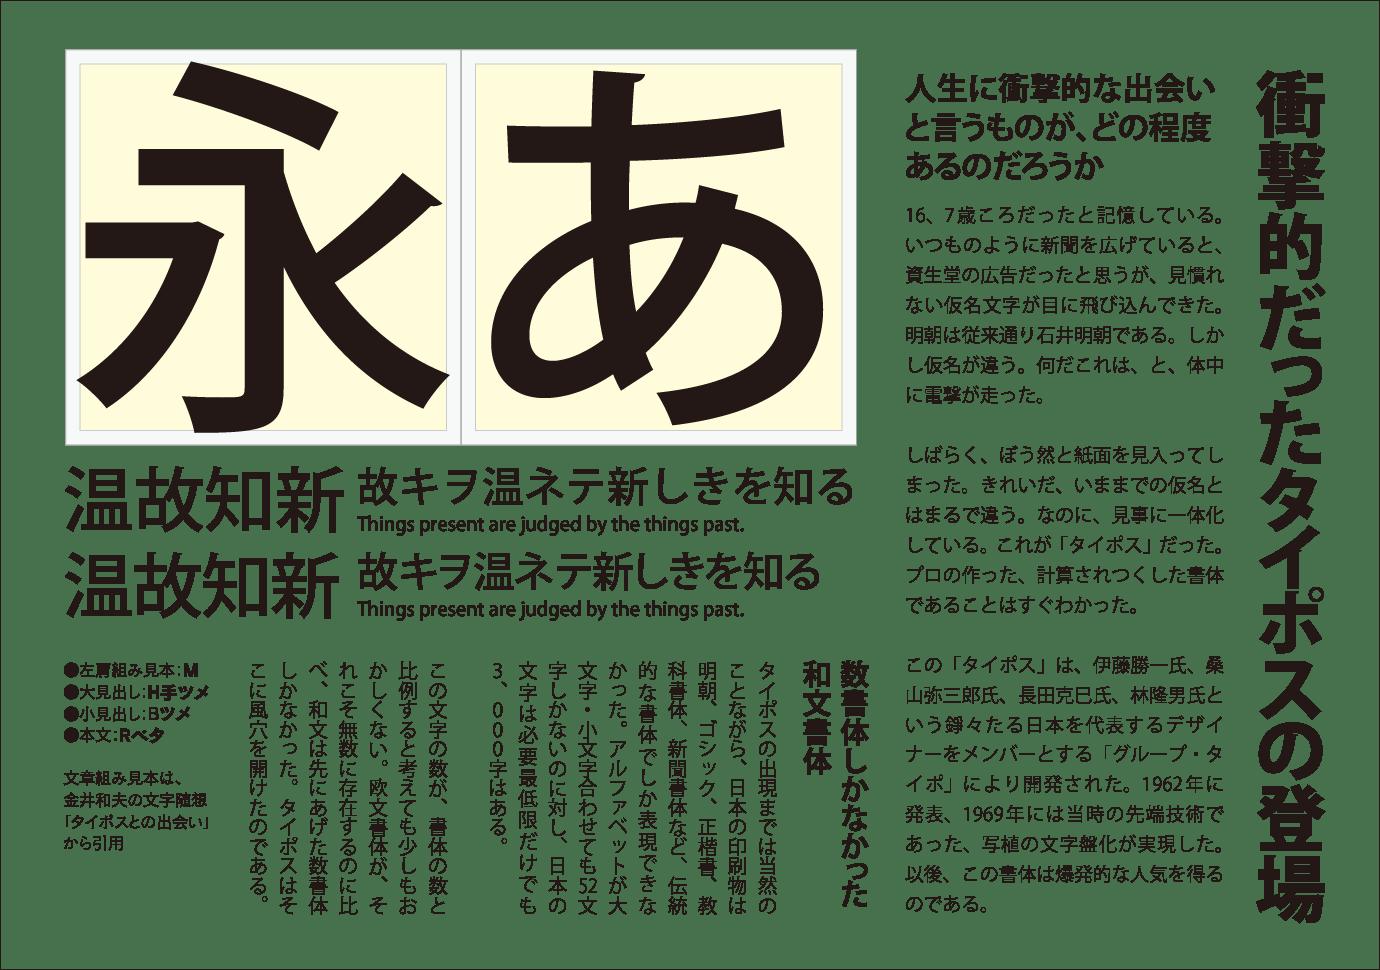 小塚ゴシックの組み見本